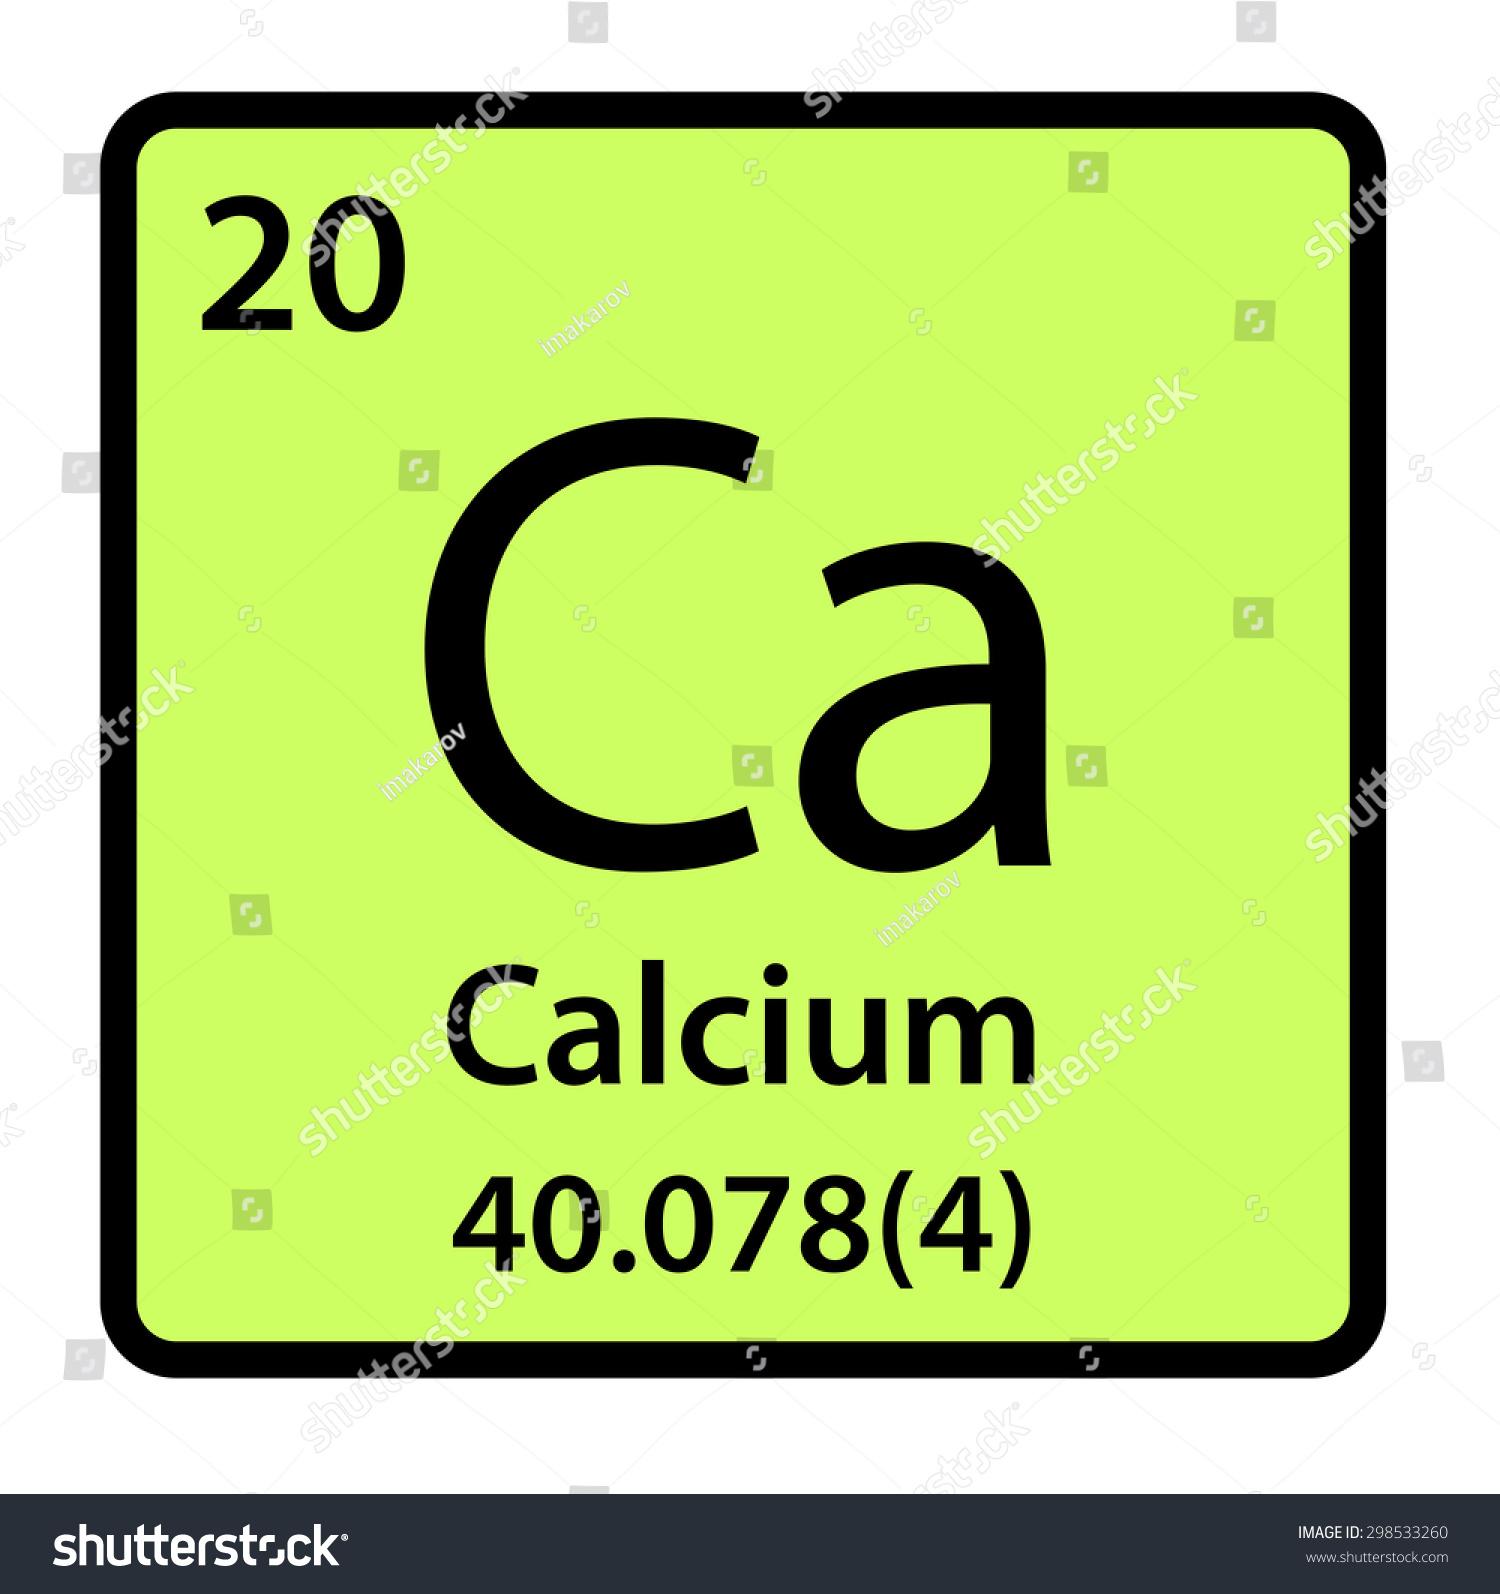 Element calcium periodic table stock illustration 298533260 element calcium of the periodic table gamestrikefo Images